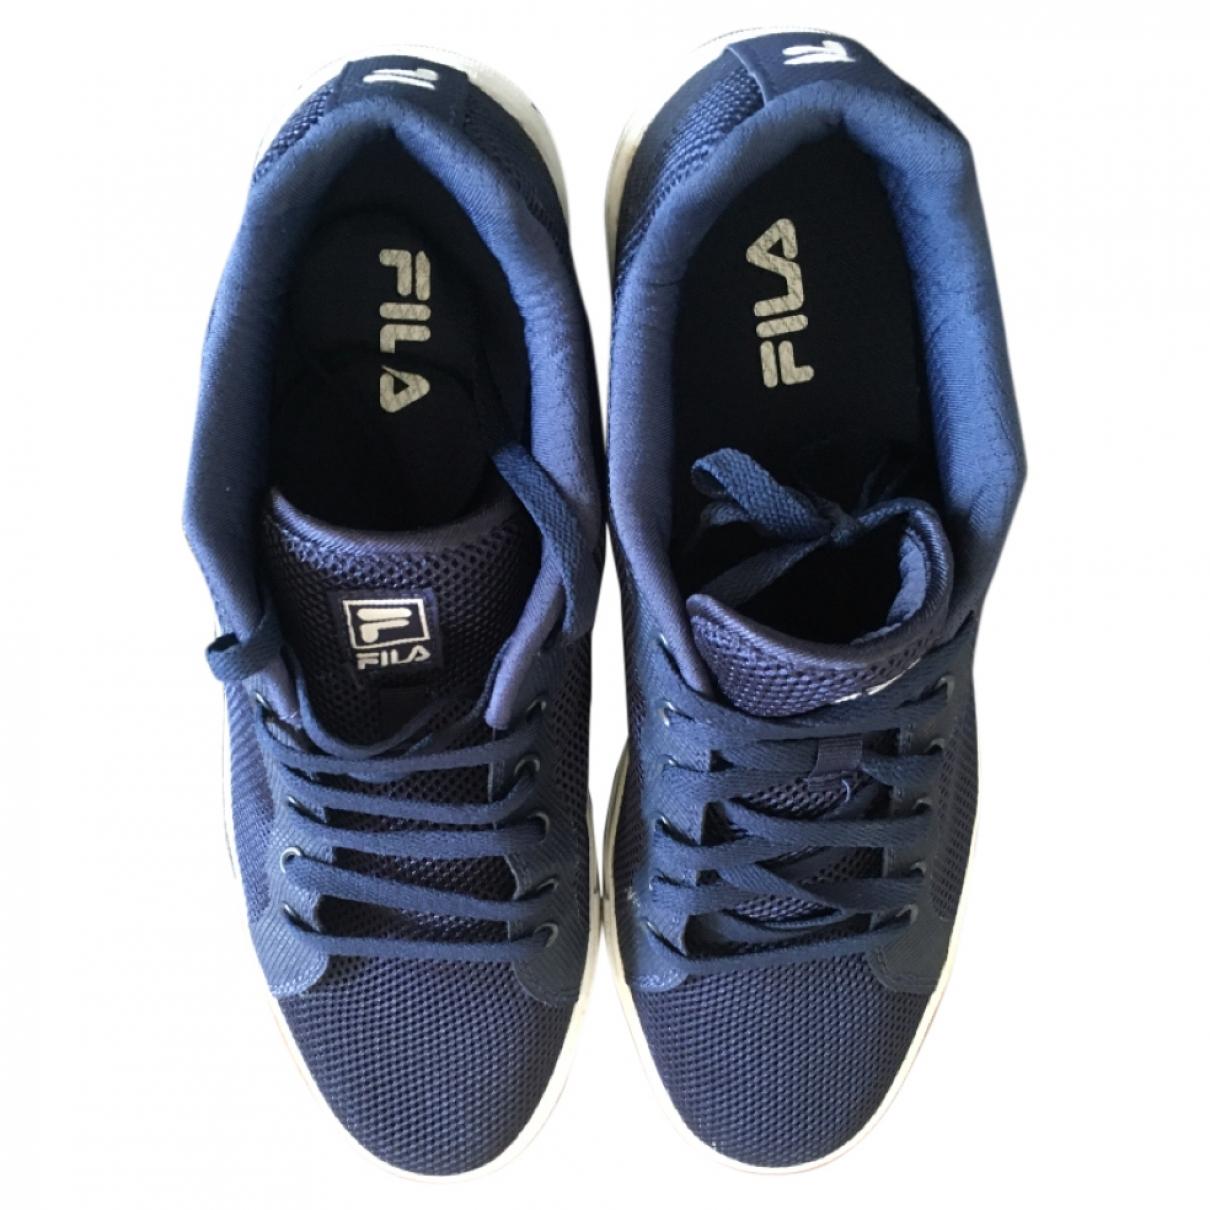 Fila - Baskets   pour homme en cuir - bleu